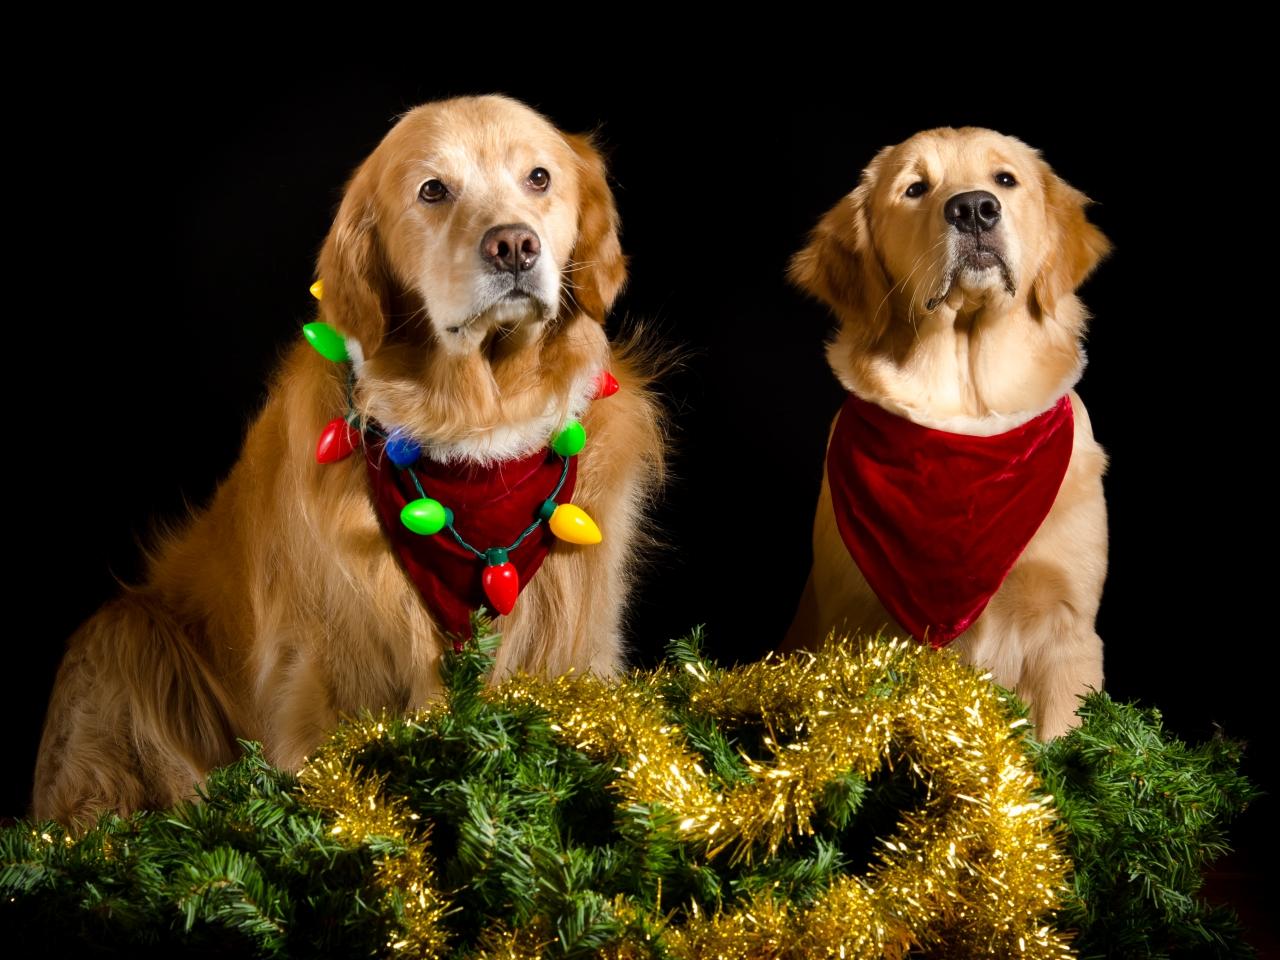 Perros con adornos Navidad - 1280x960